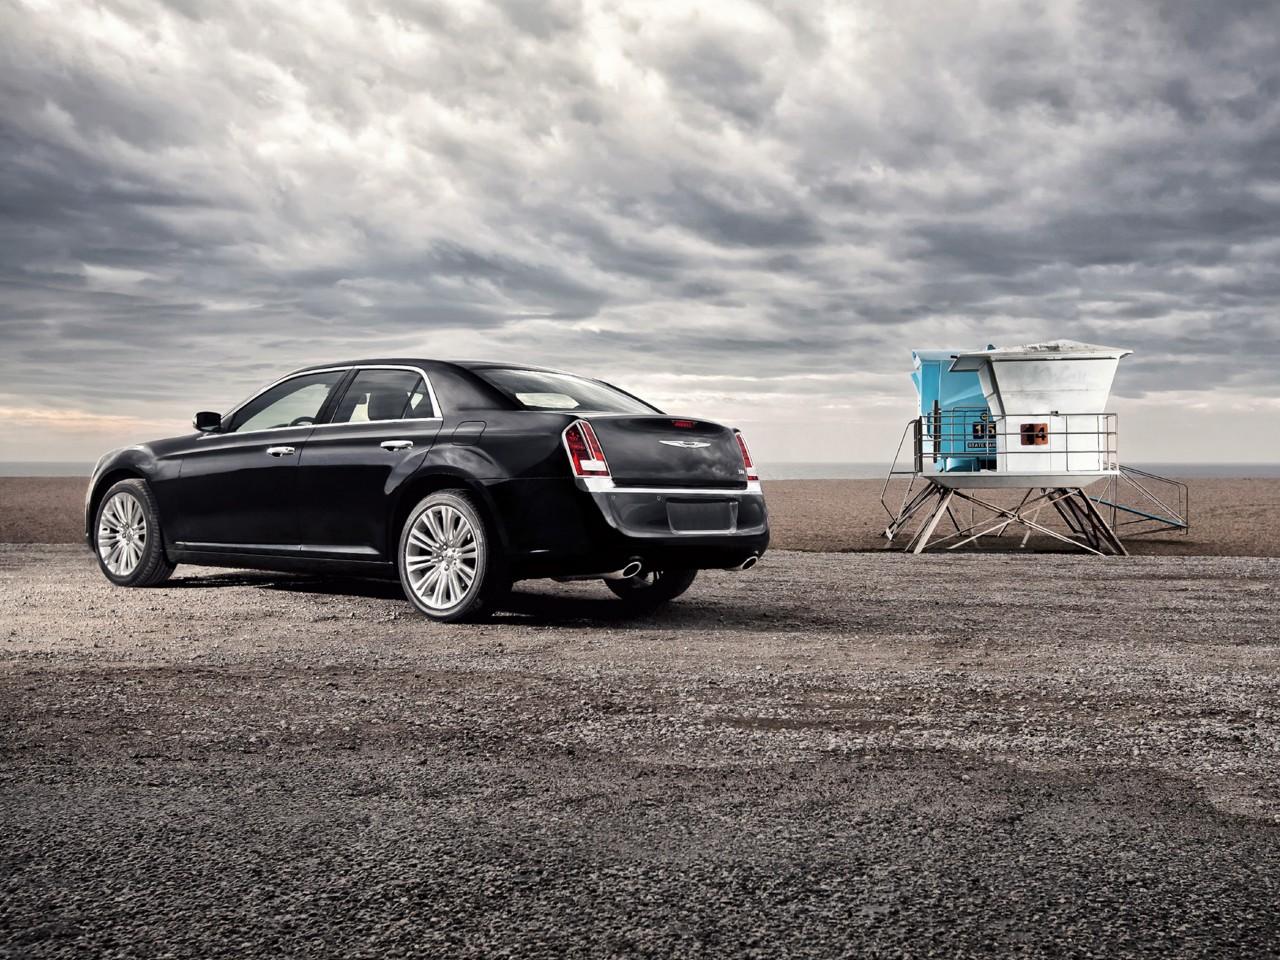 2011 Chrysler 300 Motor Desktop